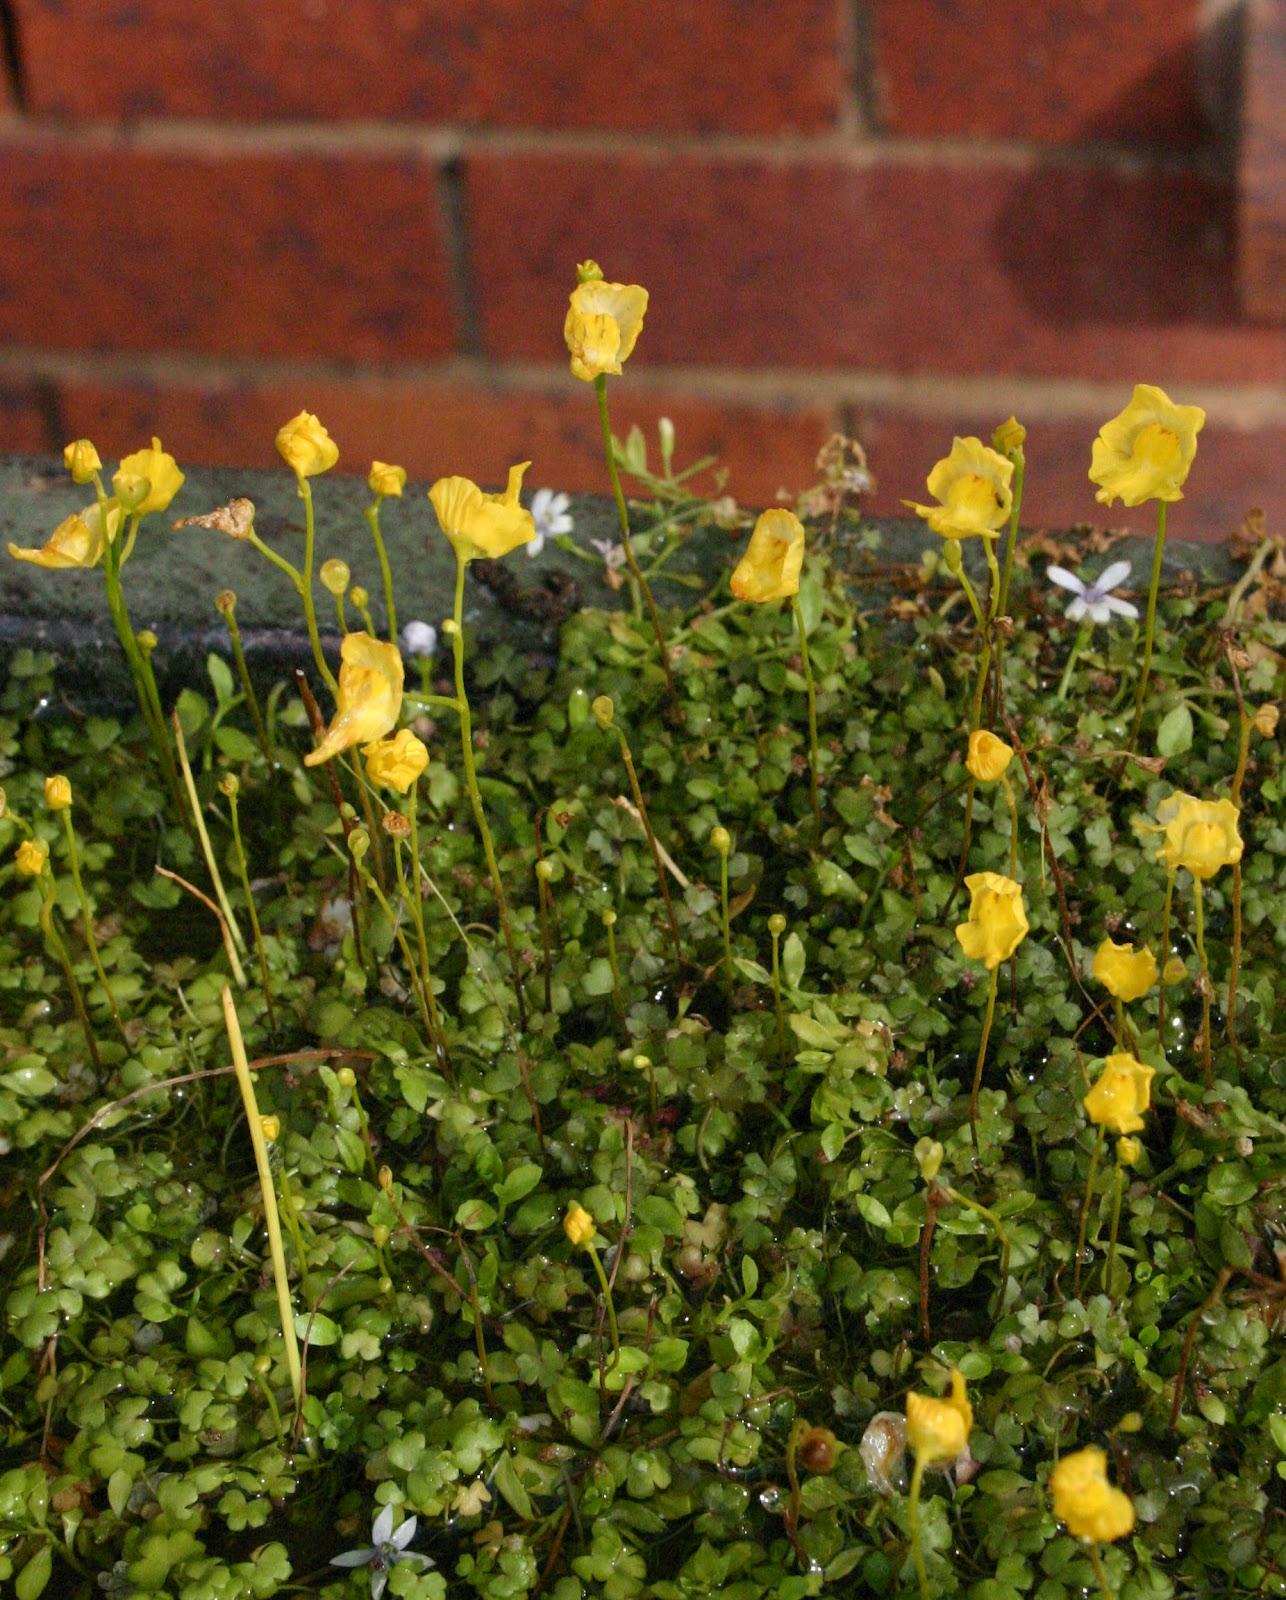 Toowoomba Plants: May 2012